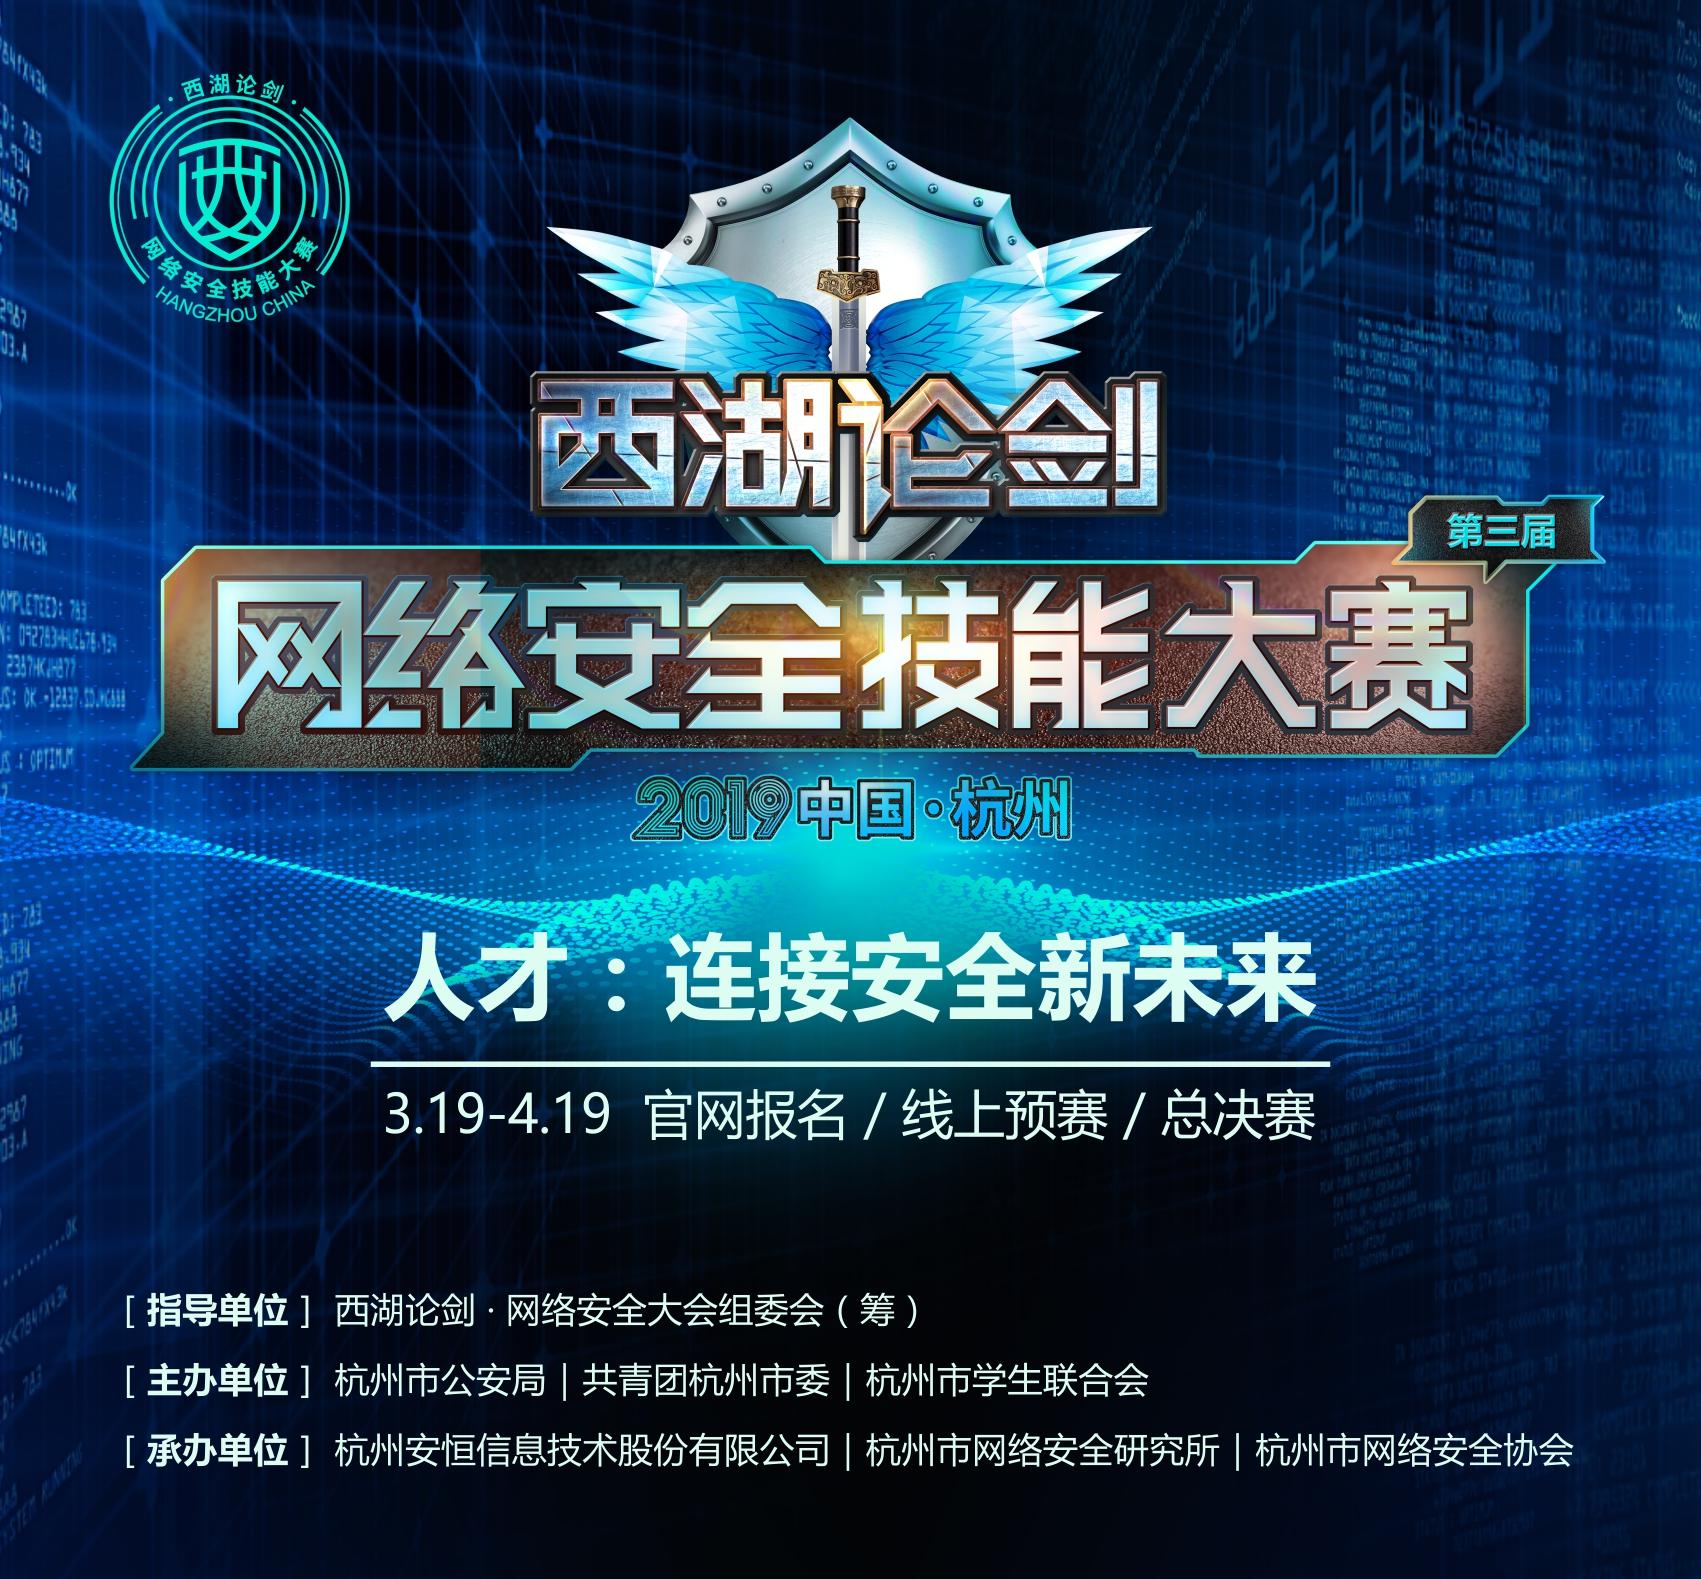 阿里云亮相2019西湖论剑·网络安全技能大赛